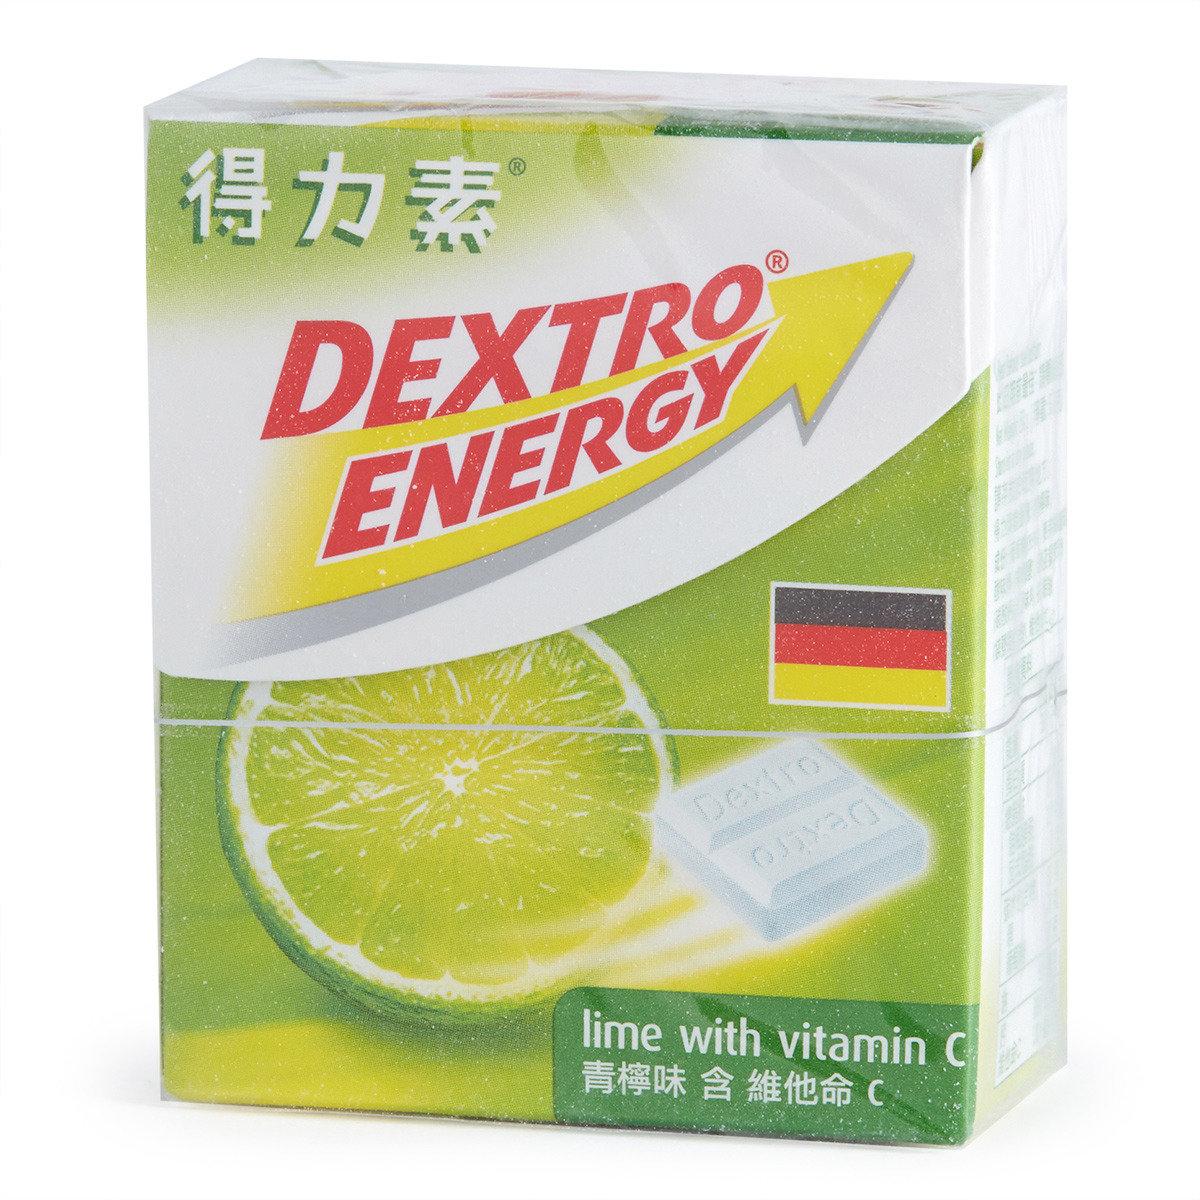 能量糖青檸味